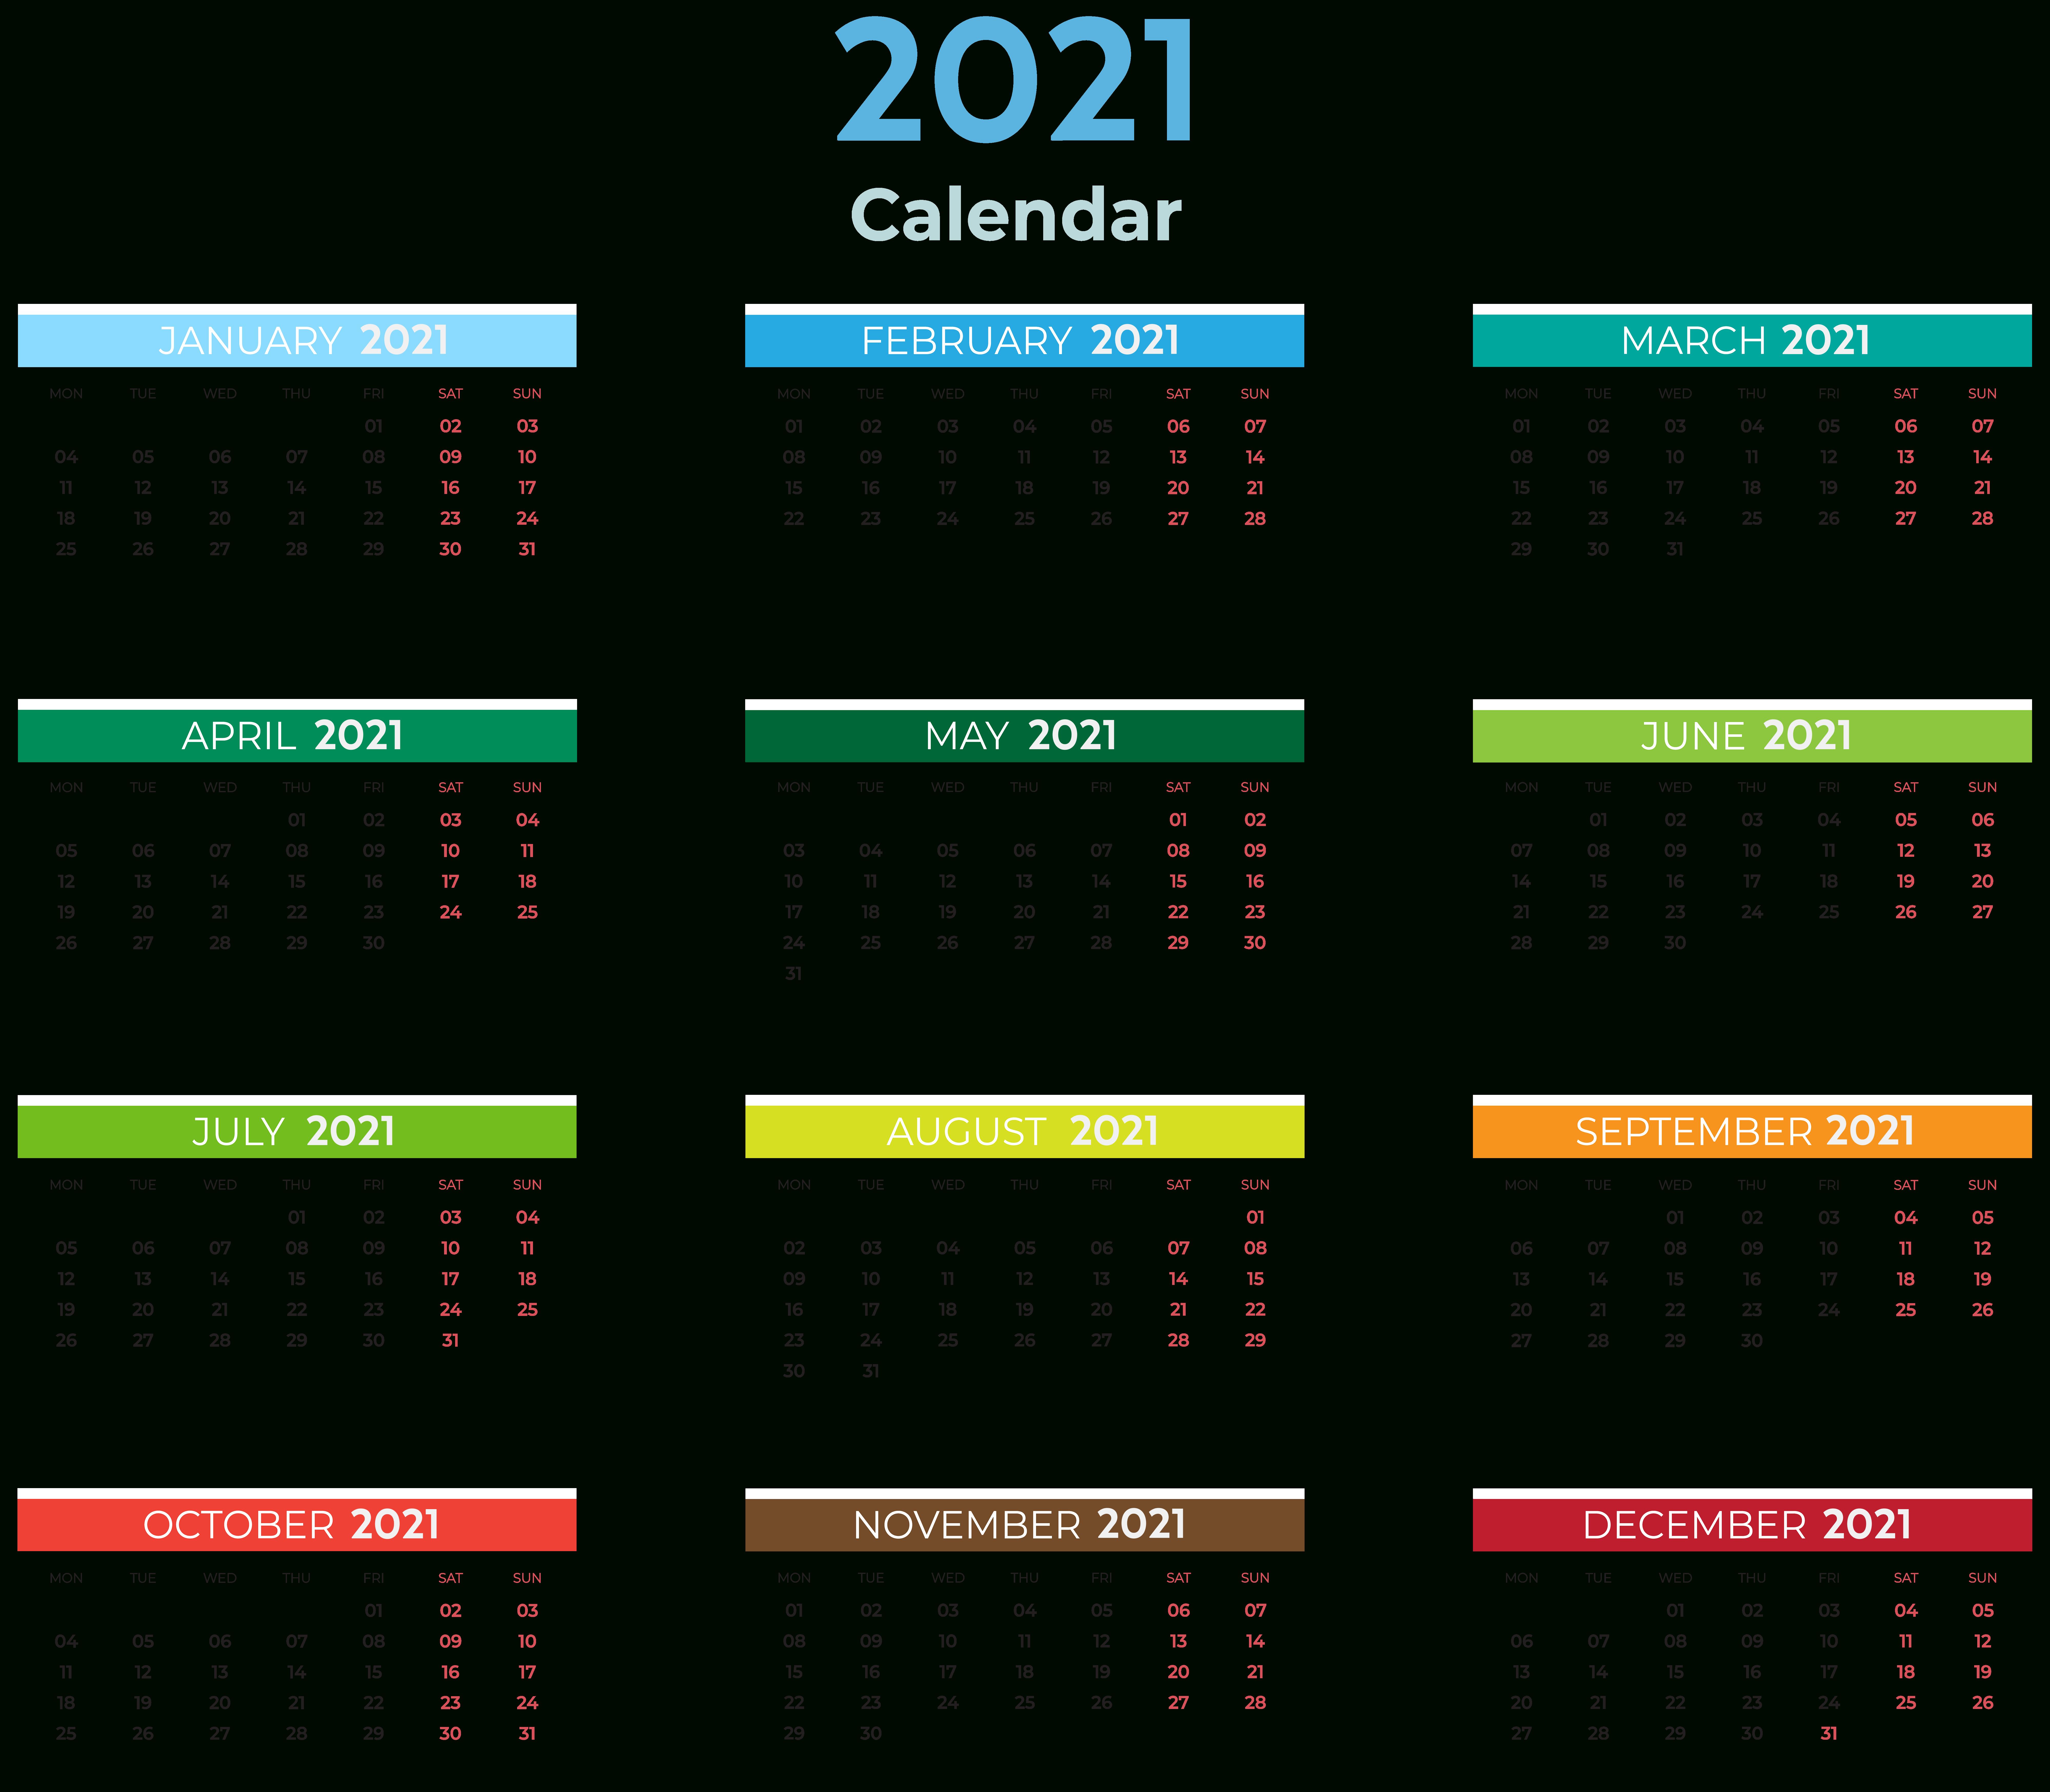 Calendar 2021 Wallpapers  Wallpaper Cave for Khmer Calendar 2021 Wallpaper